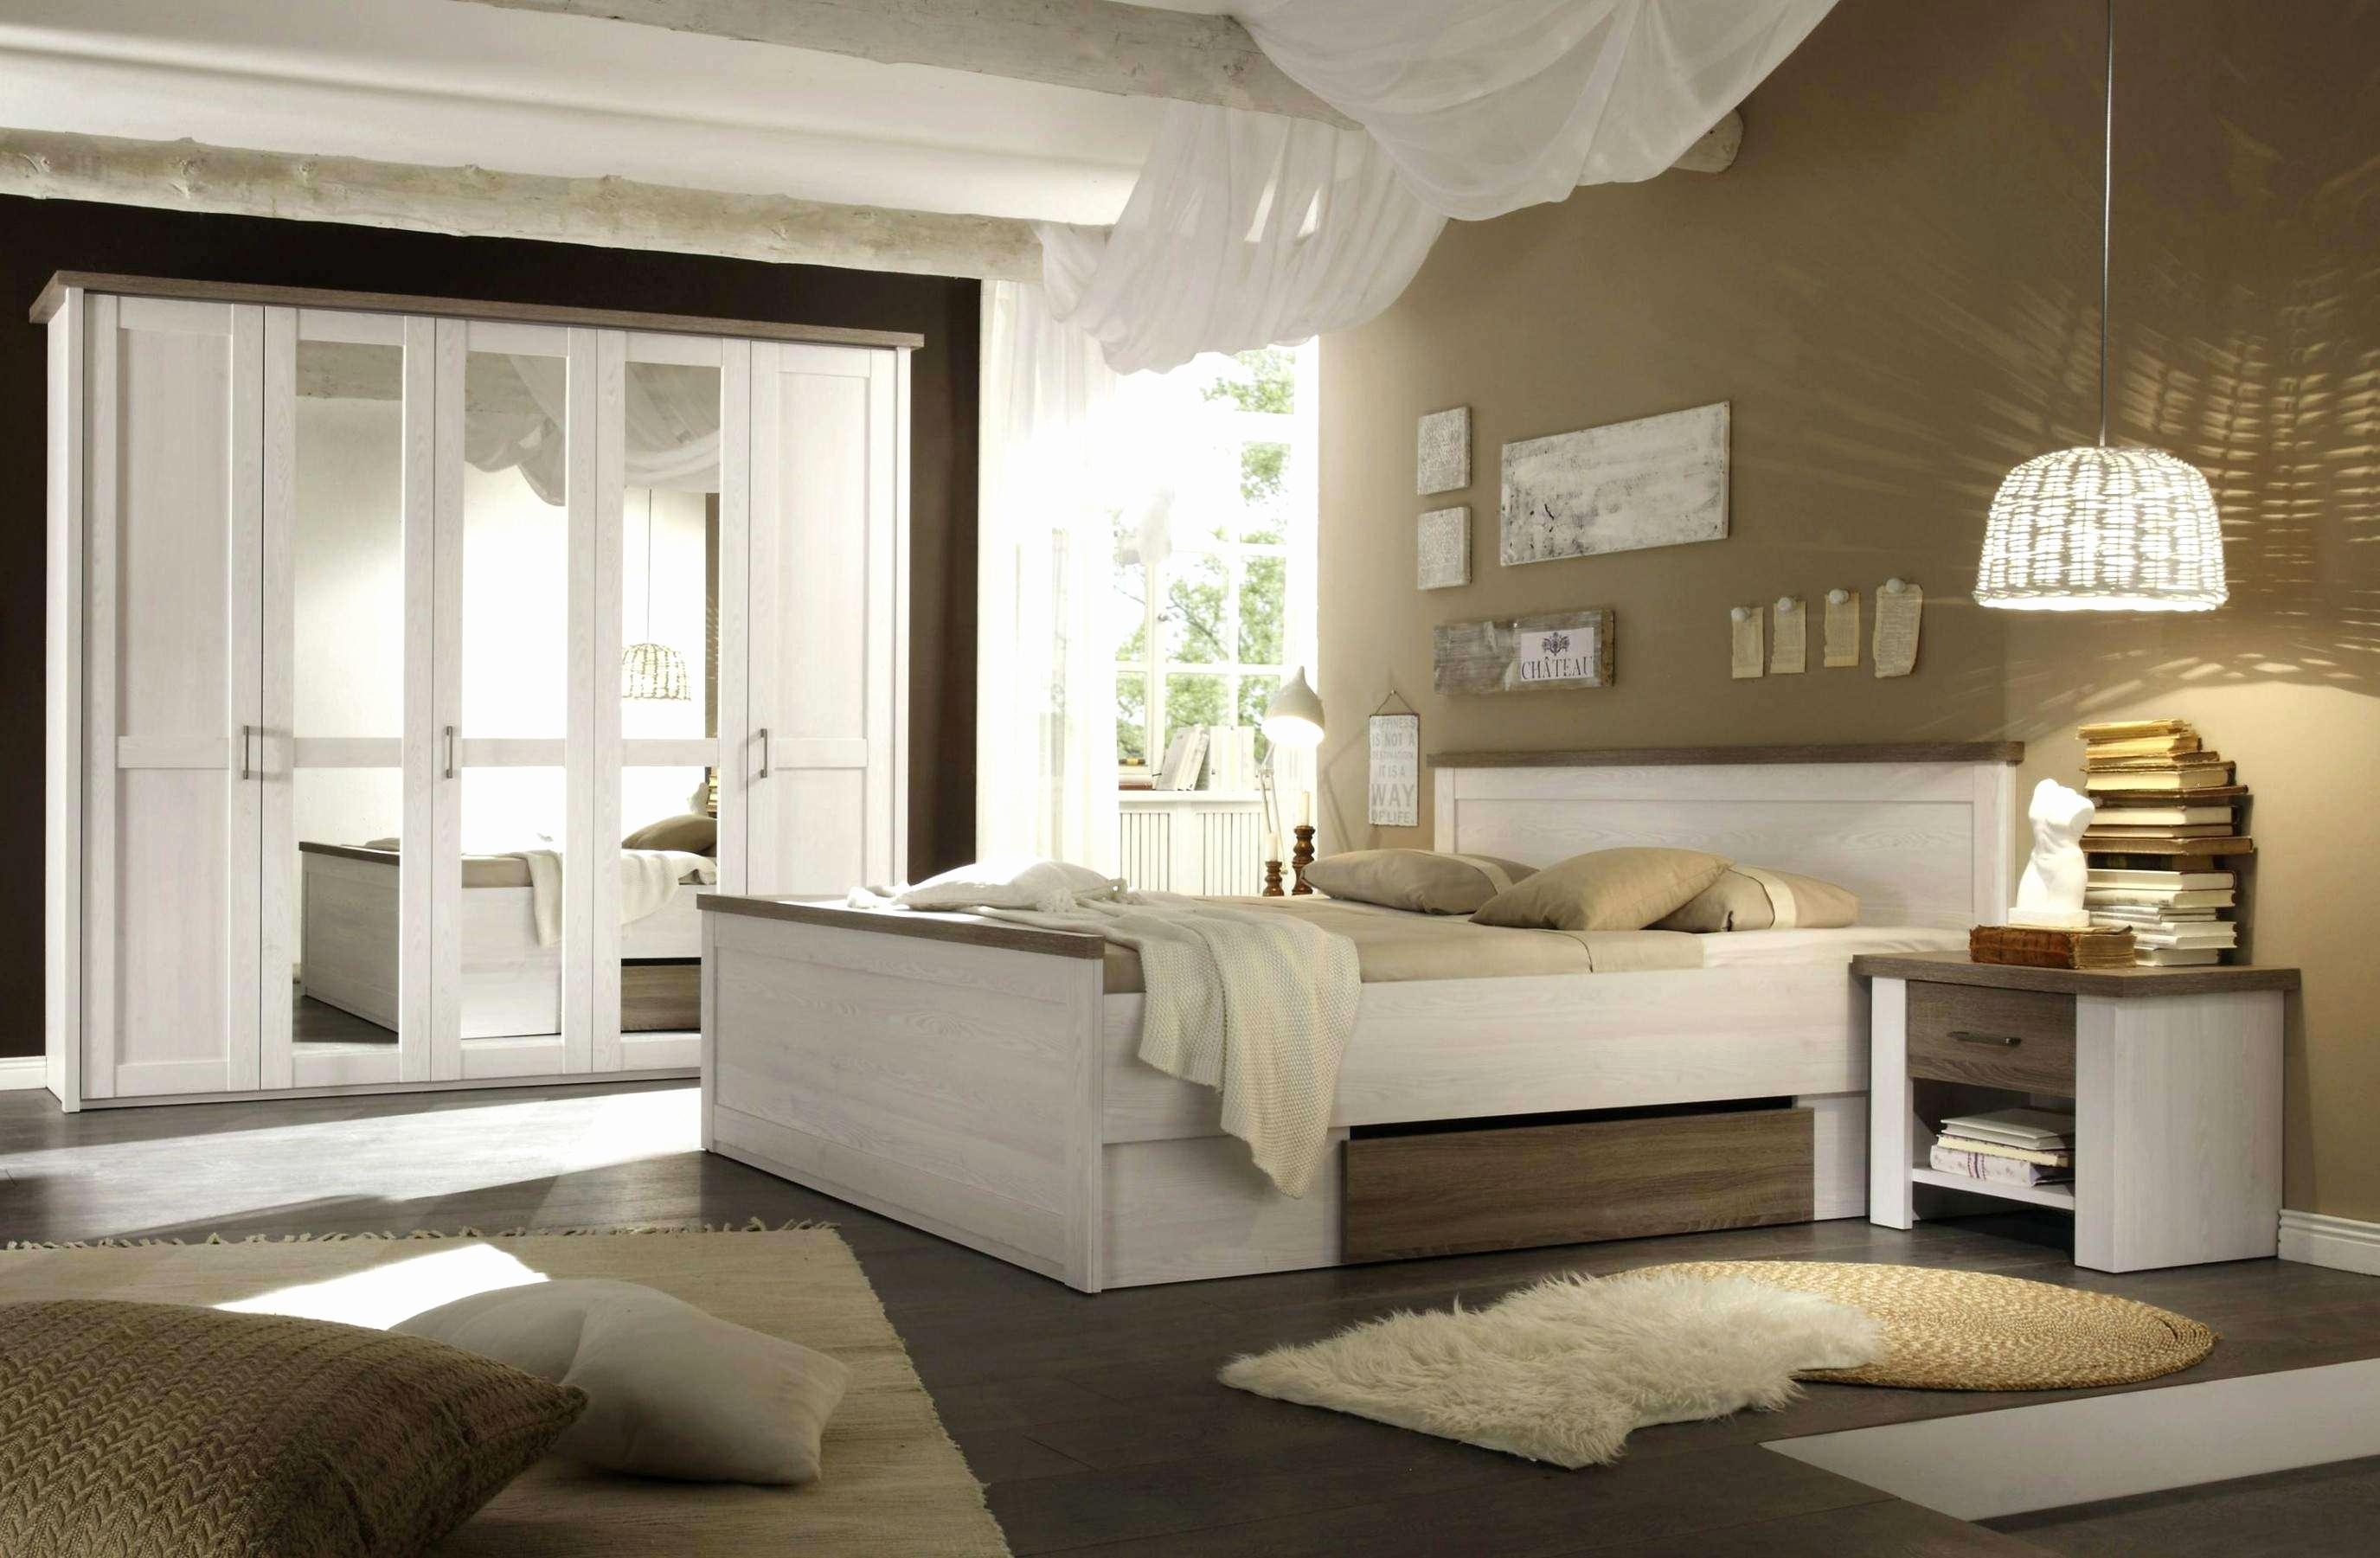 Bett Im Wohnzimmer Verstecken myappsforpc